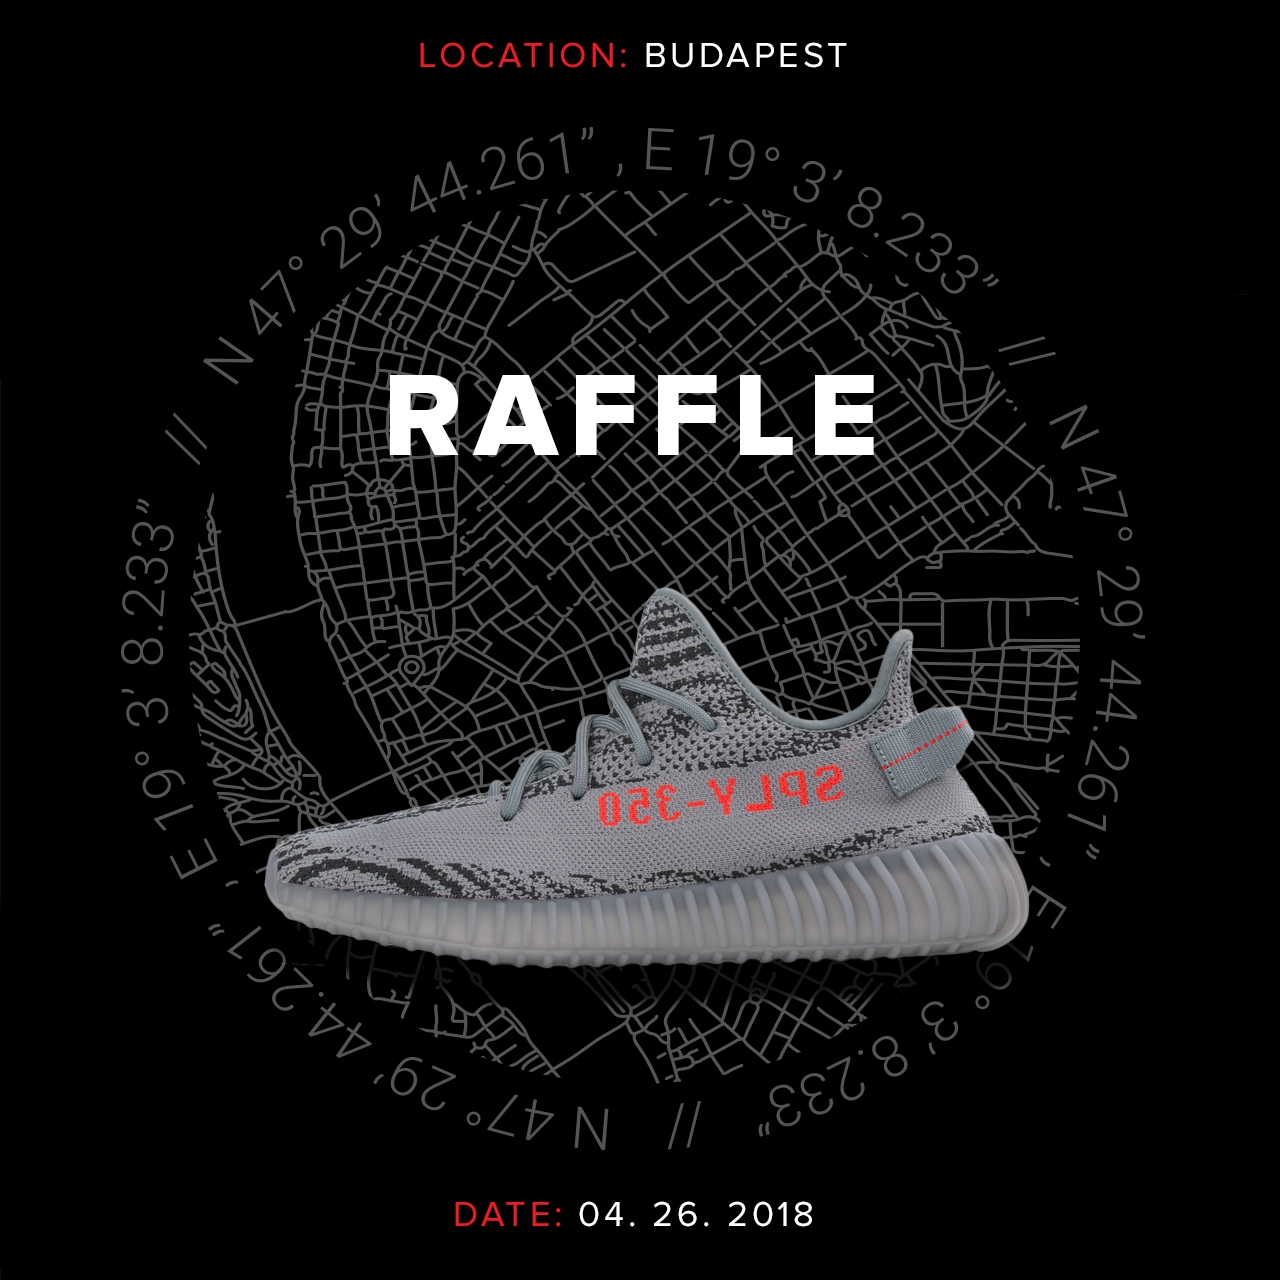 Footshop raffle - adidas Yeezy Boost 350 v2 'Beluga 2.0'